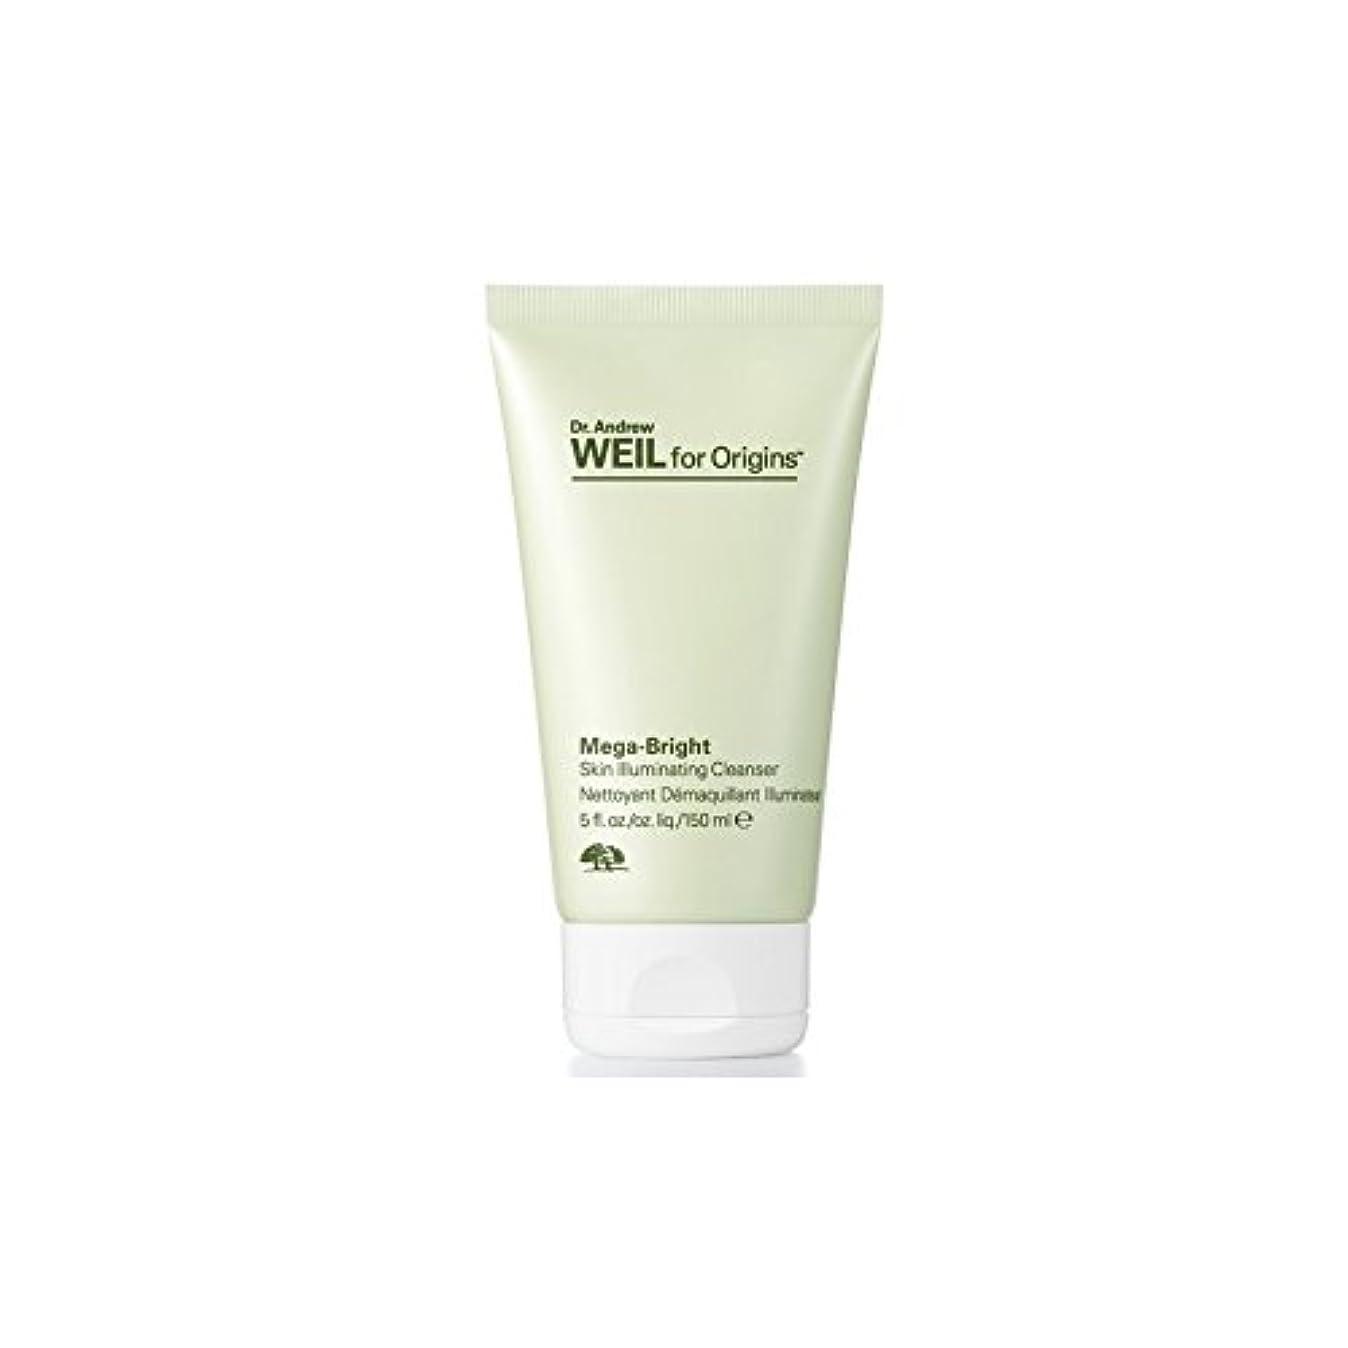 不純ジョージバーナード脅かすOrigins Dr. Andrew Weil For Origins? Mega-Bright Skin Illuminating Cleanser 150ml - 起源アンドルー?ワイルクレンザー150ミリリットルを...